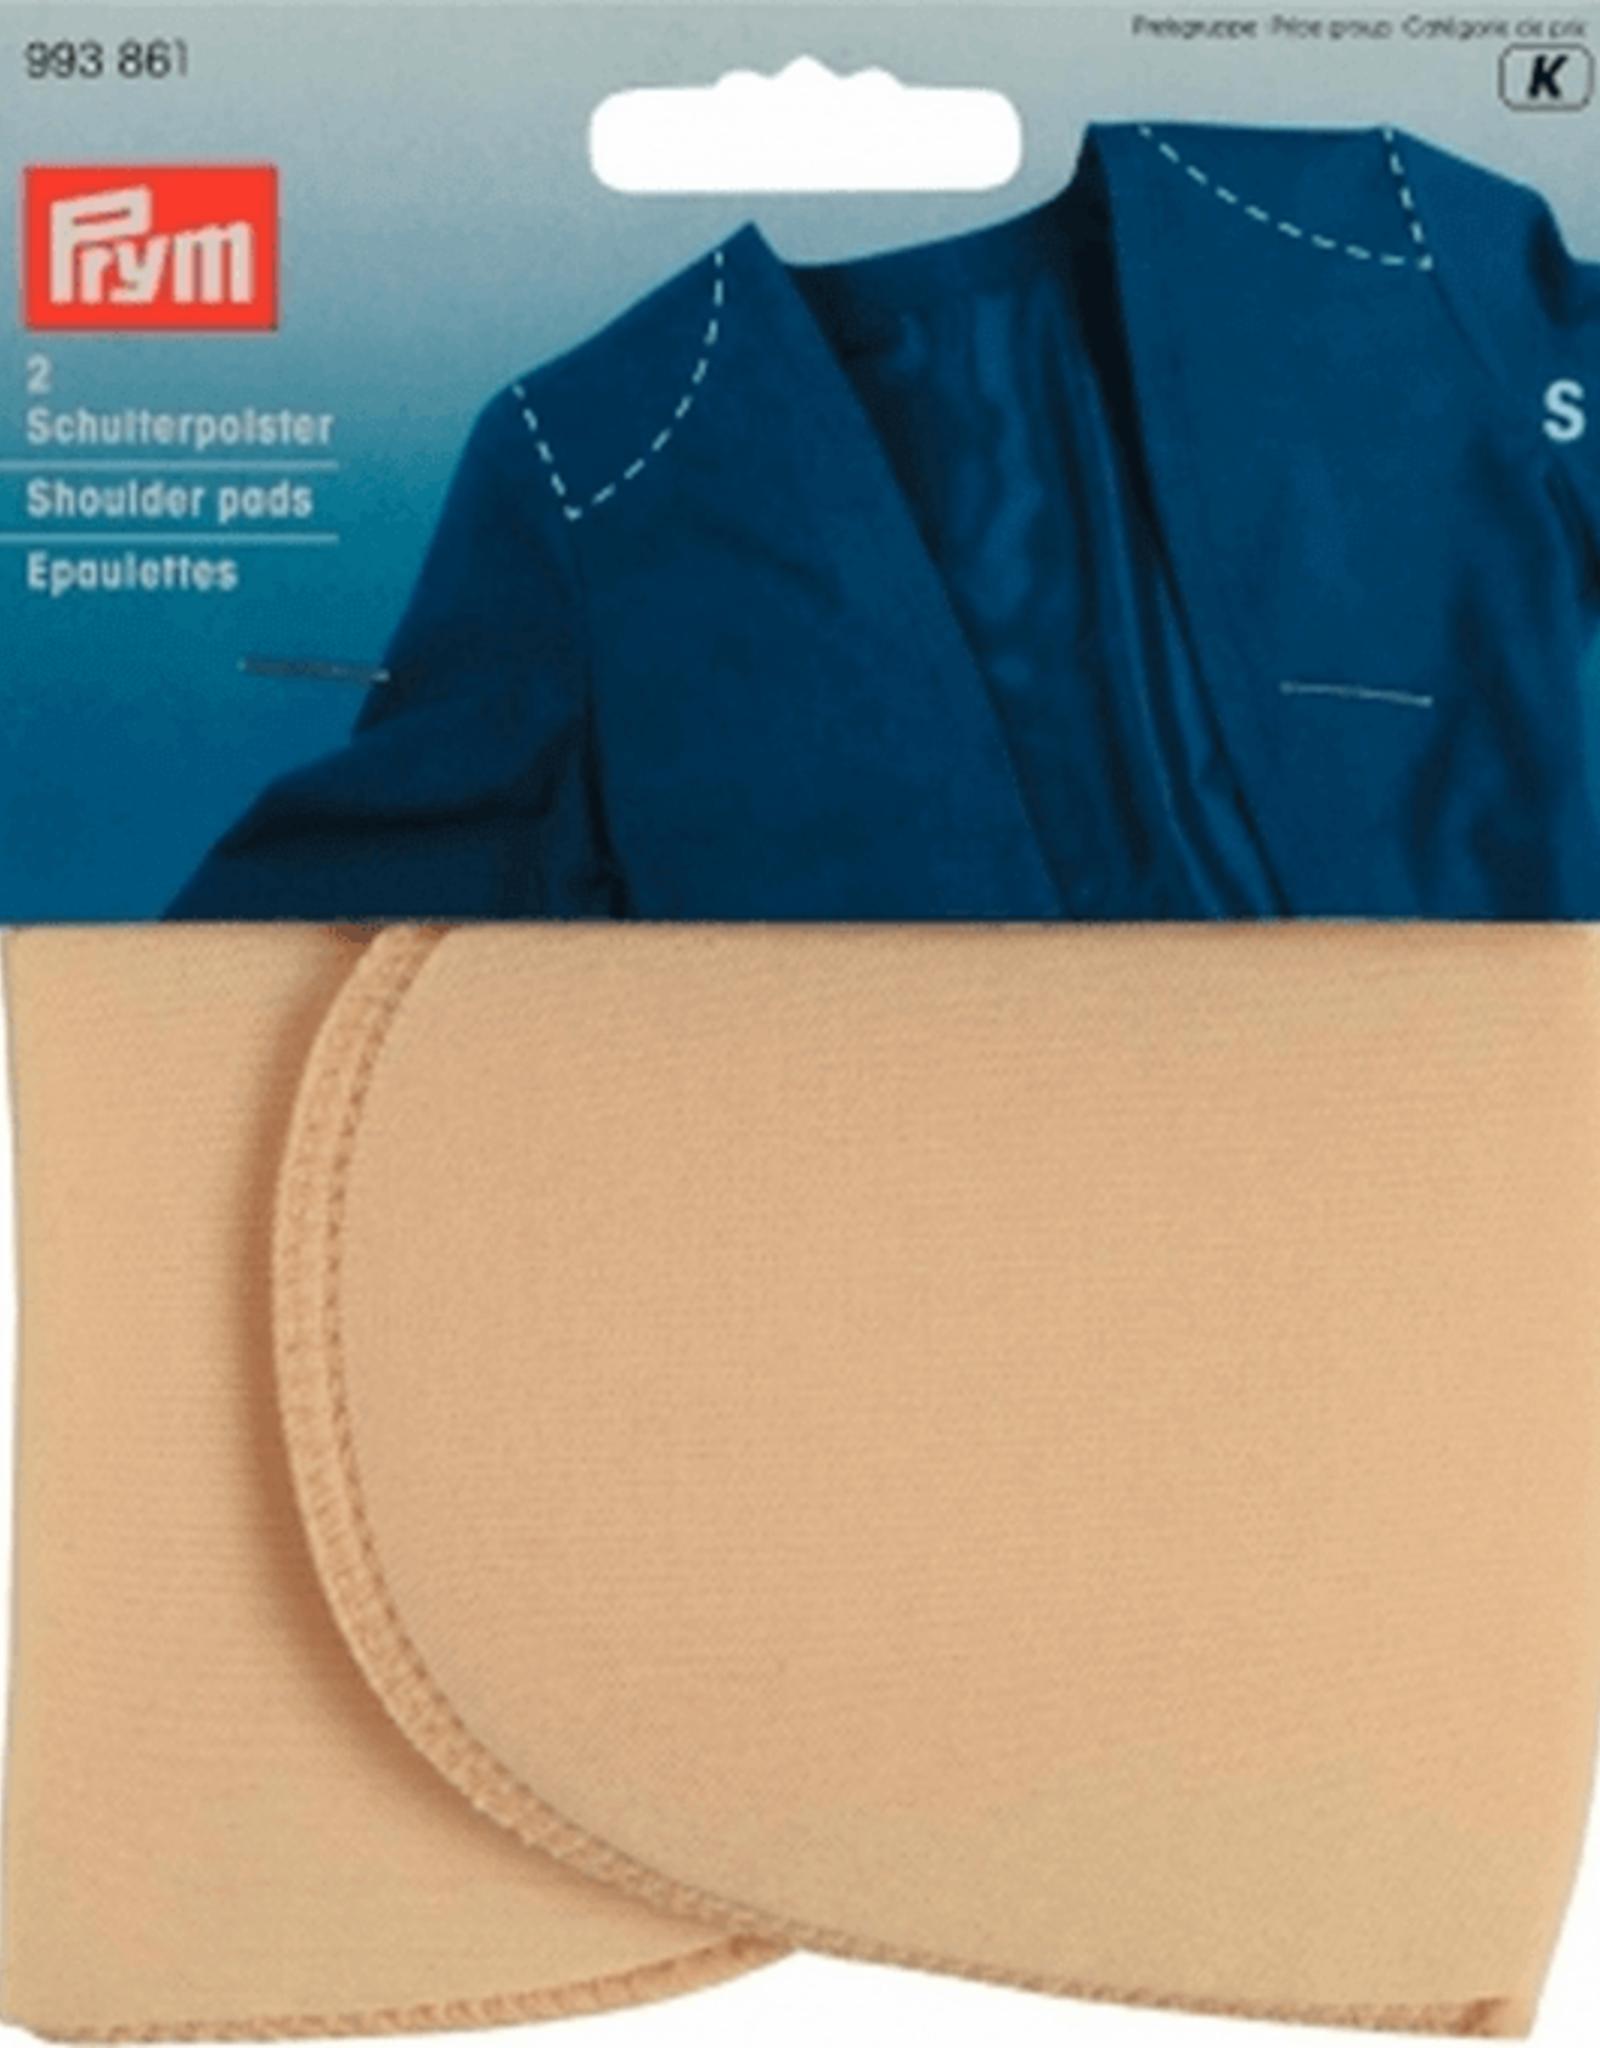 Prym Prym -  schoudervullingen S huidskleurig - 993 861